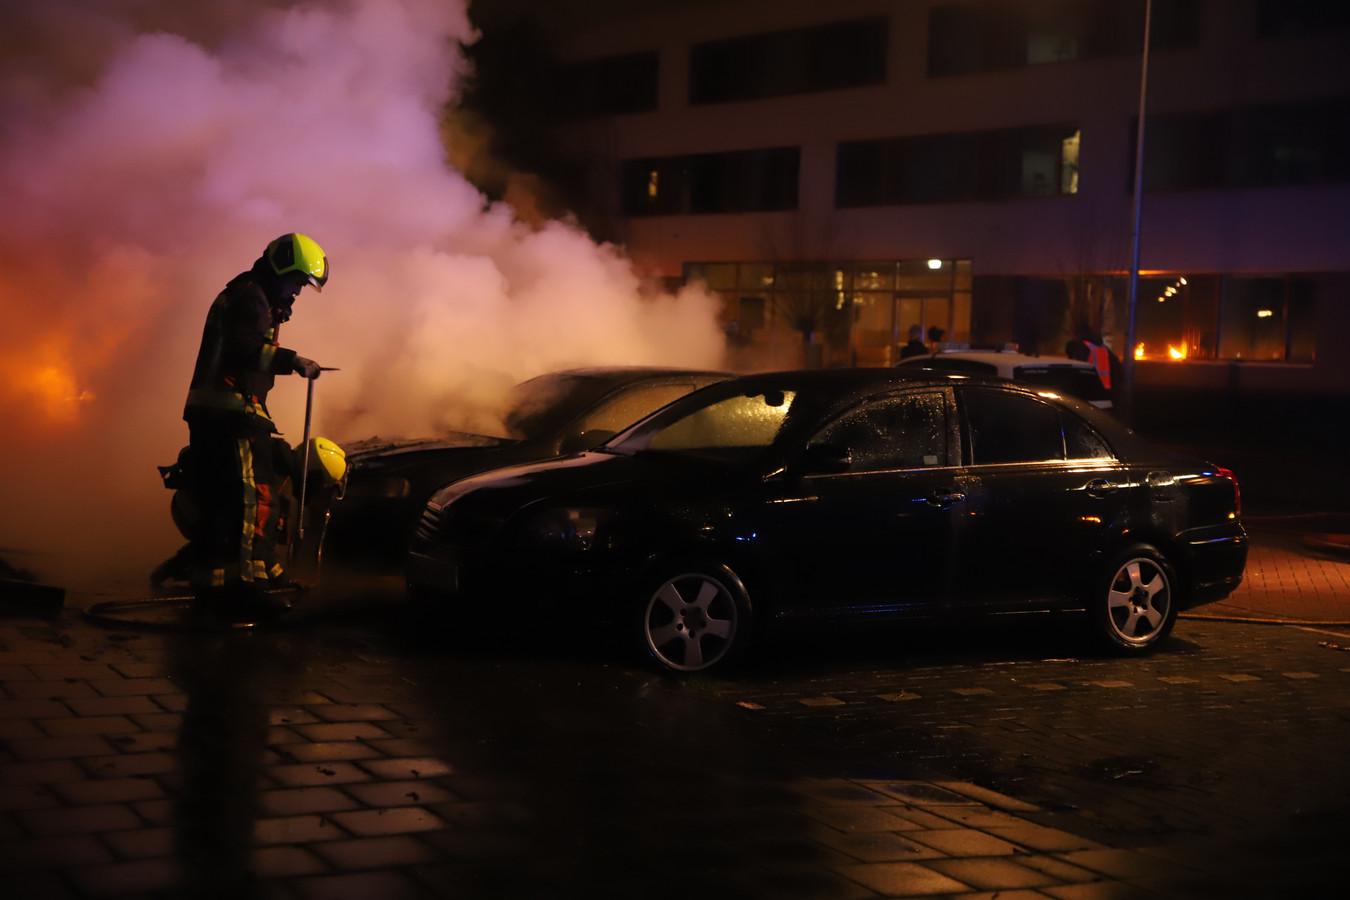 Maandagmorgen 1 februari rond 5.25 uur is brand ontstaan in een geparkeerde auto aan de Jan van Beaumontstraat in Gouda.